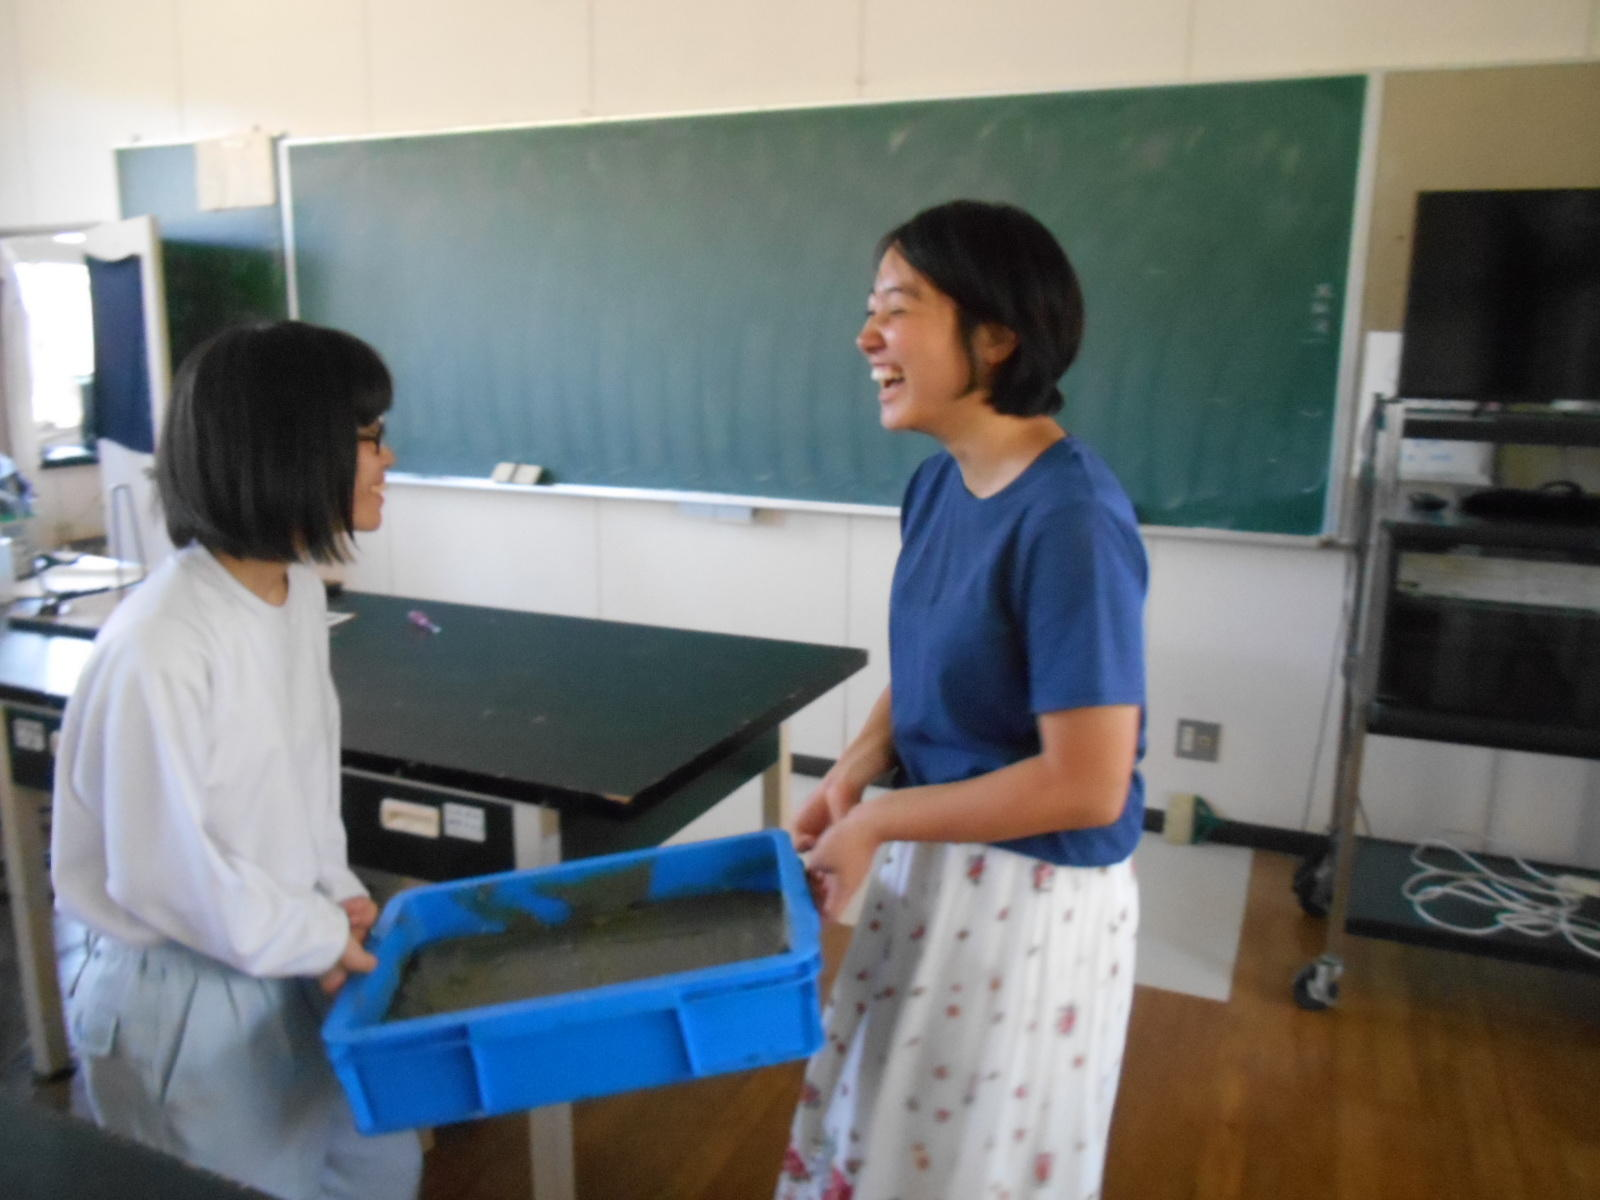 http://www.shimanet.ed.jp/hamadayougo/news/DSCN2402.JPG